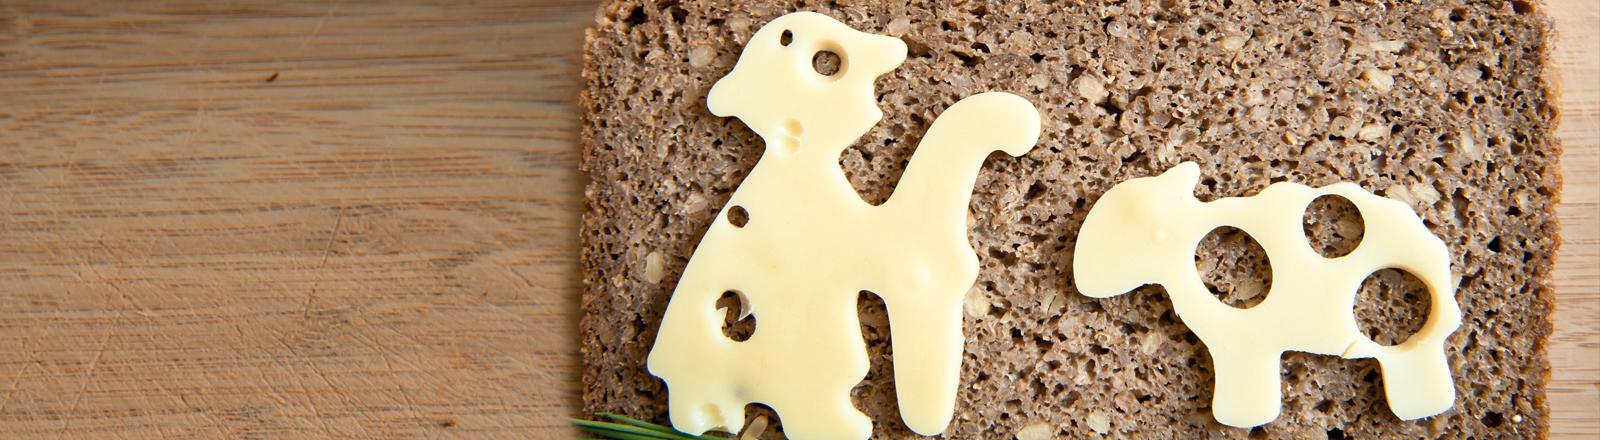 Auf einer Scheibe Vollkornbrot liegt eine Scheibe Käse in der Form eines Lamms